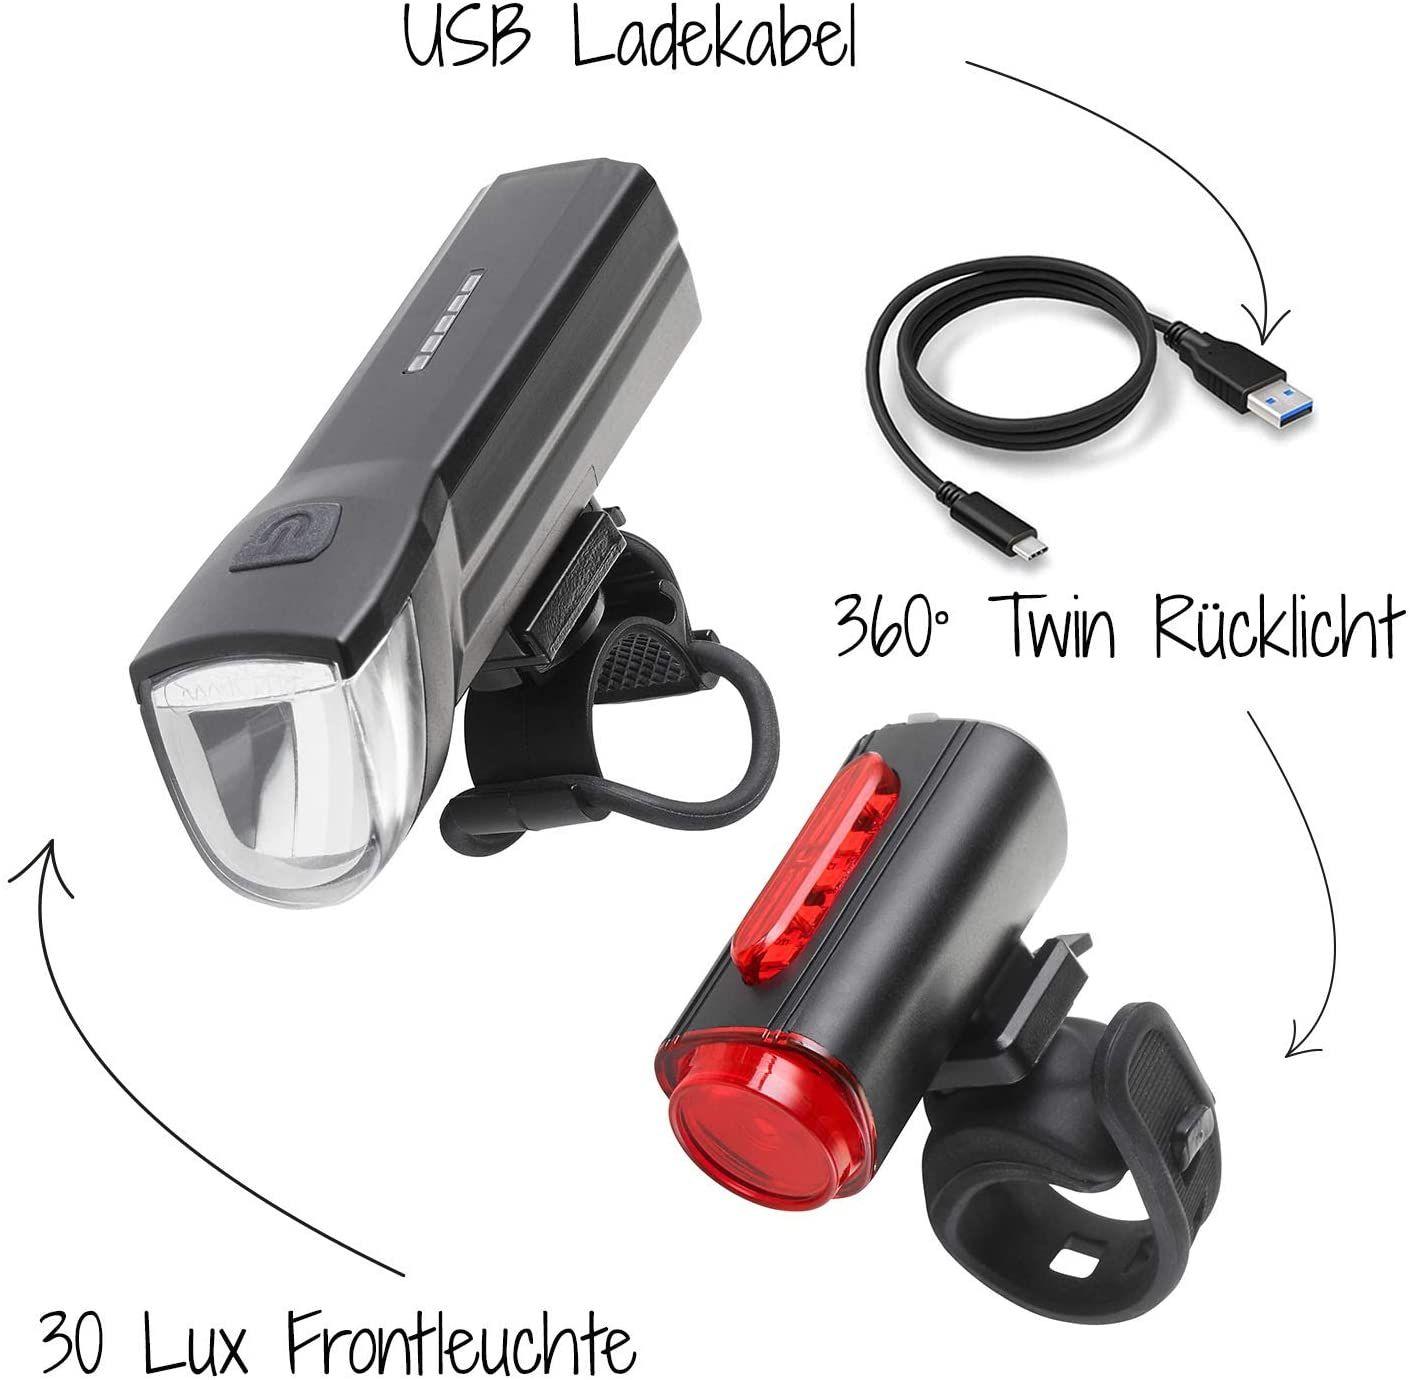 FISCHER LED Beleuchtungsset, mit 360° Bodenleuchte für mehr Sichtbarkeit und Schutz, aufladbare Akkus mit USB | Frontlicht 30 Lux